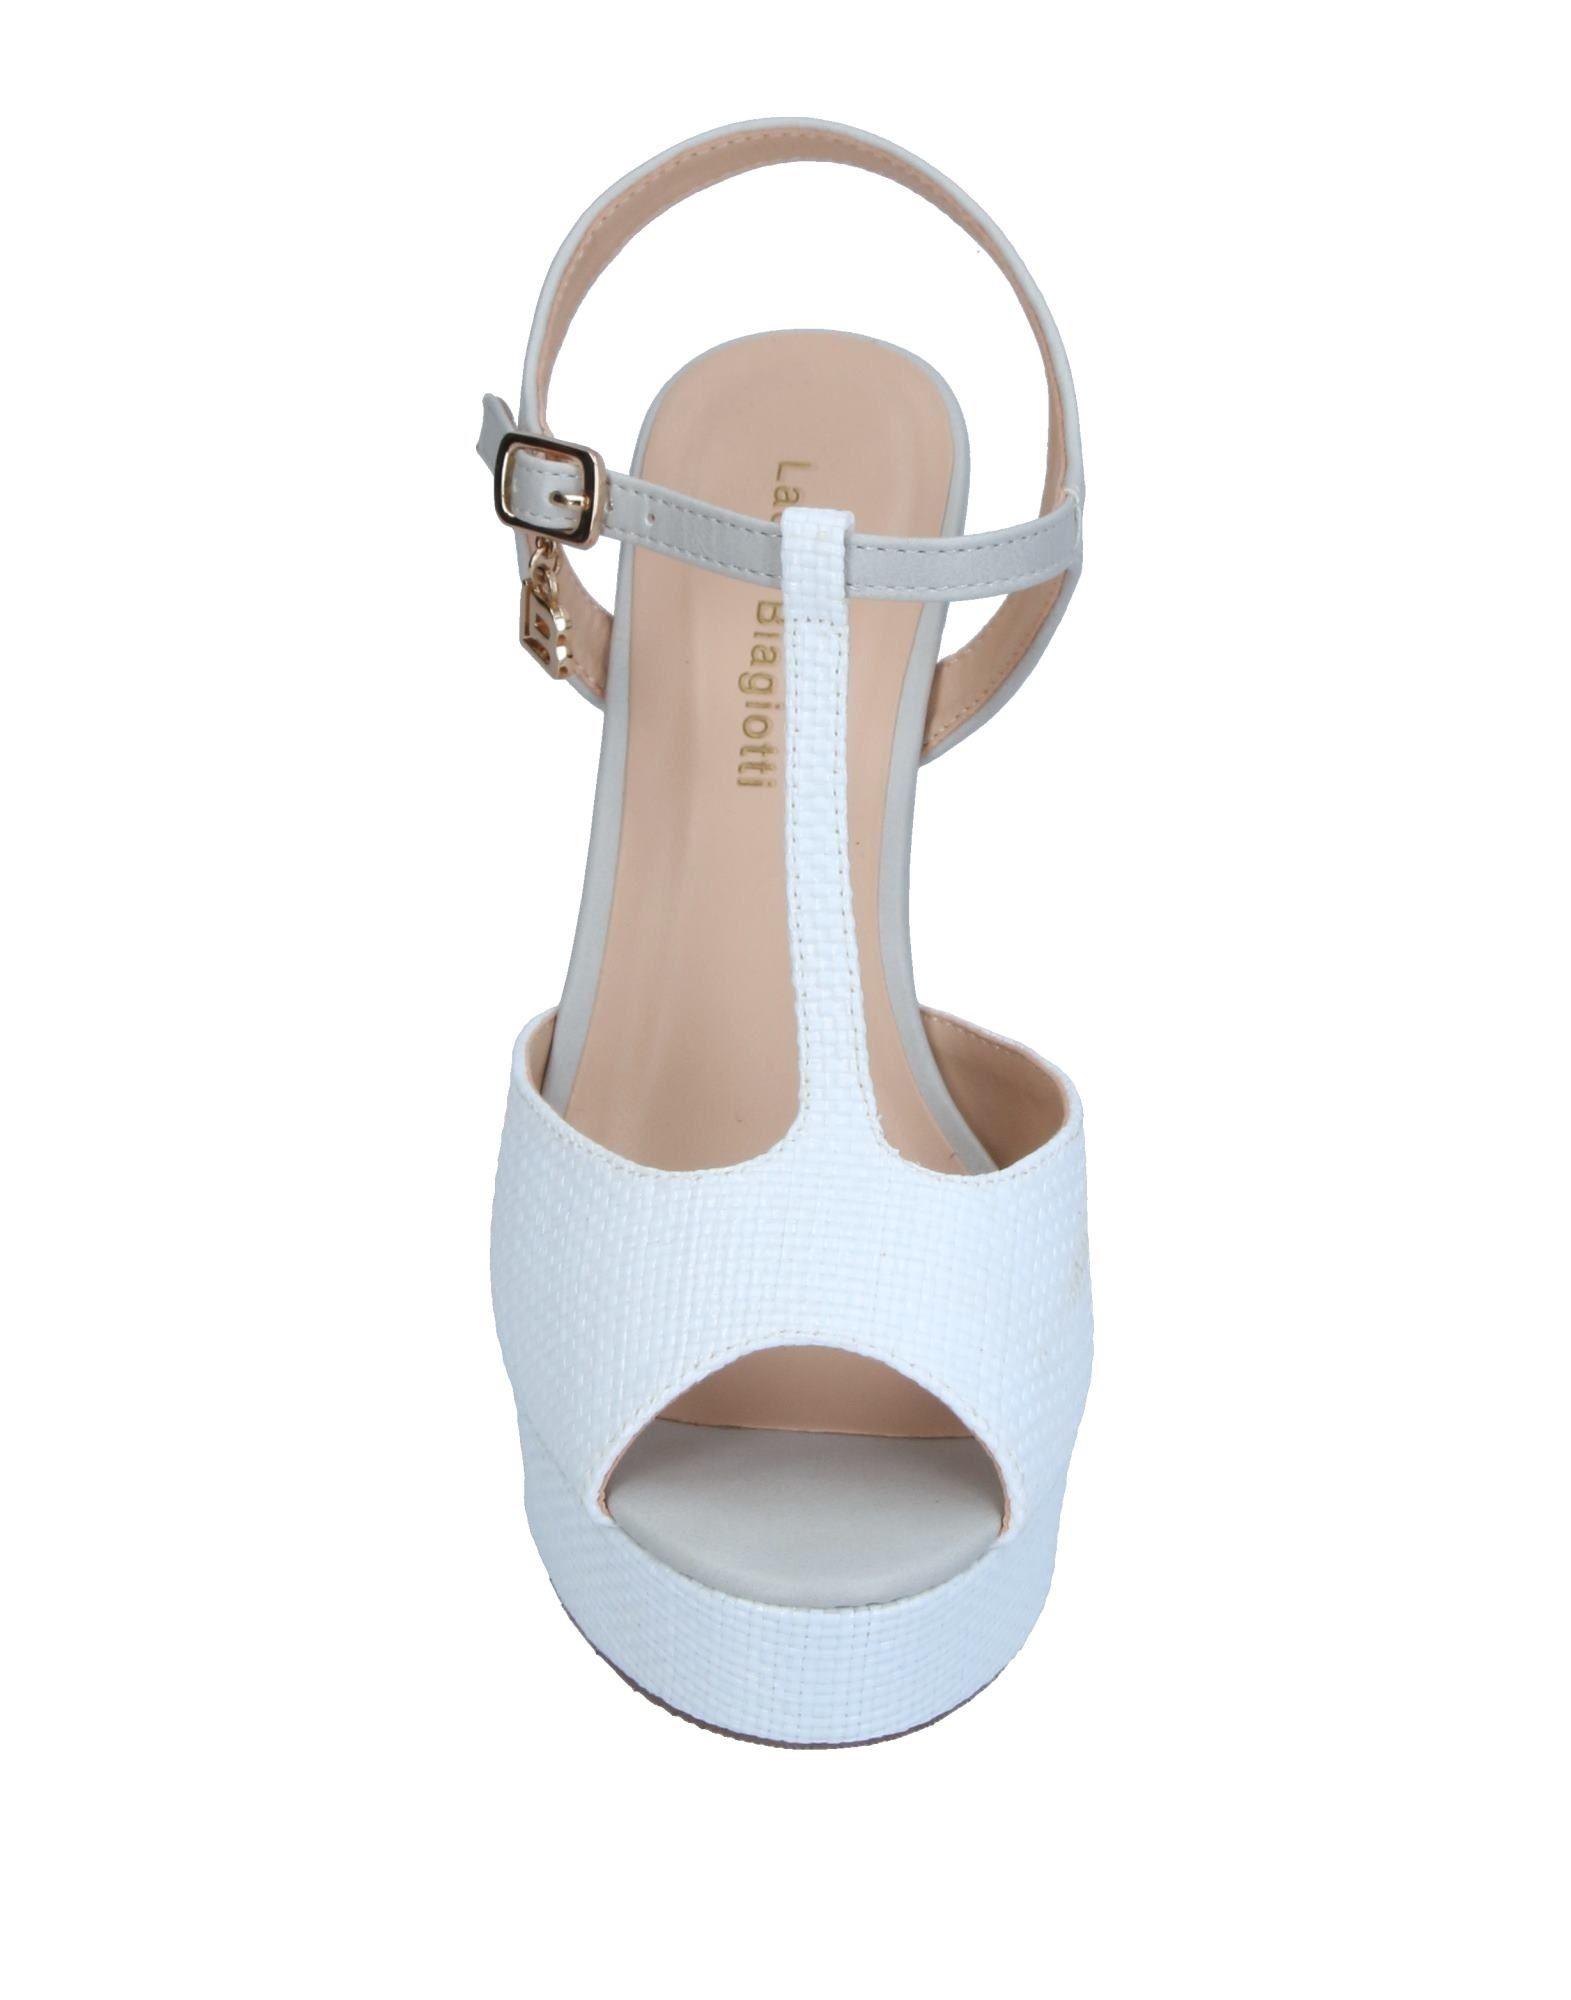 Laura Biagiotti Sandalen Damen  11373524OX Neue Neue Neue Schuhe c85aef